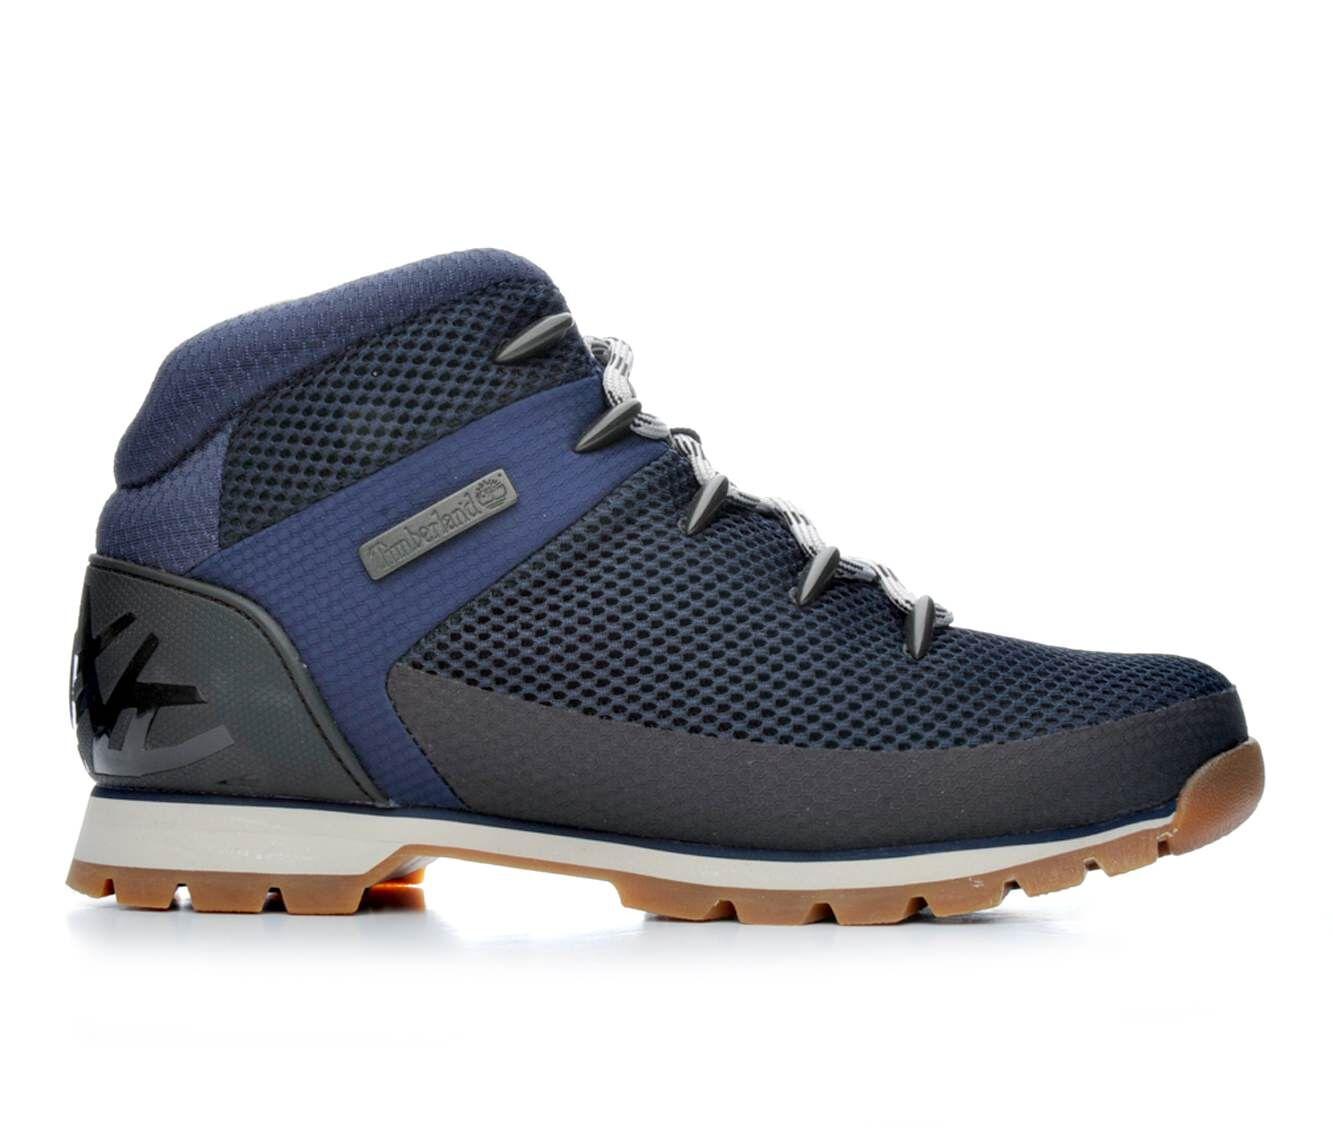 timeless design a649c 4dd81 nike hiking boots lightweight